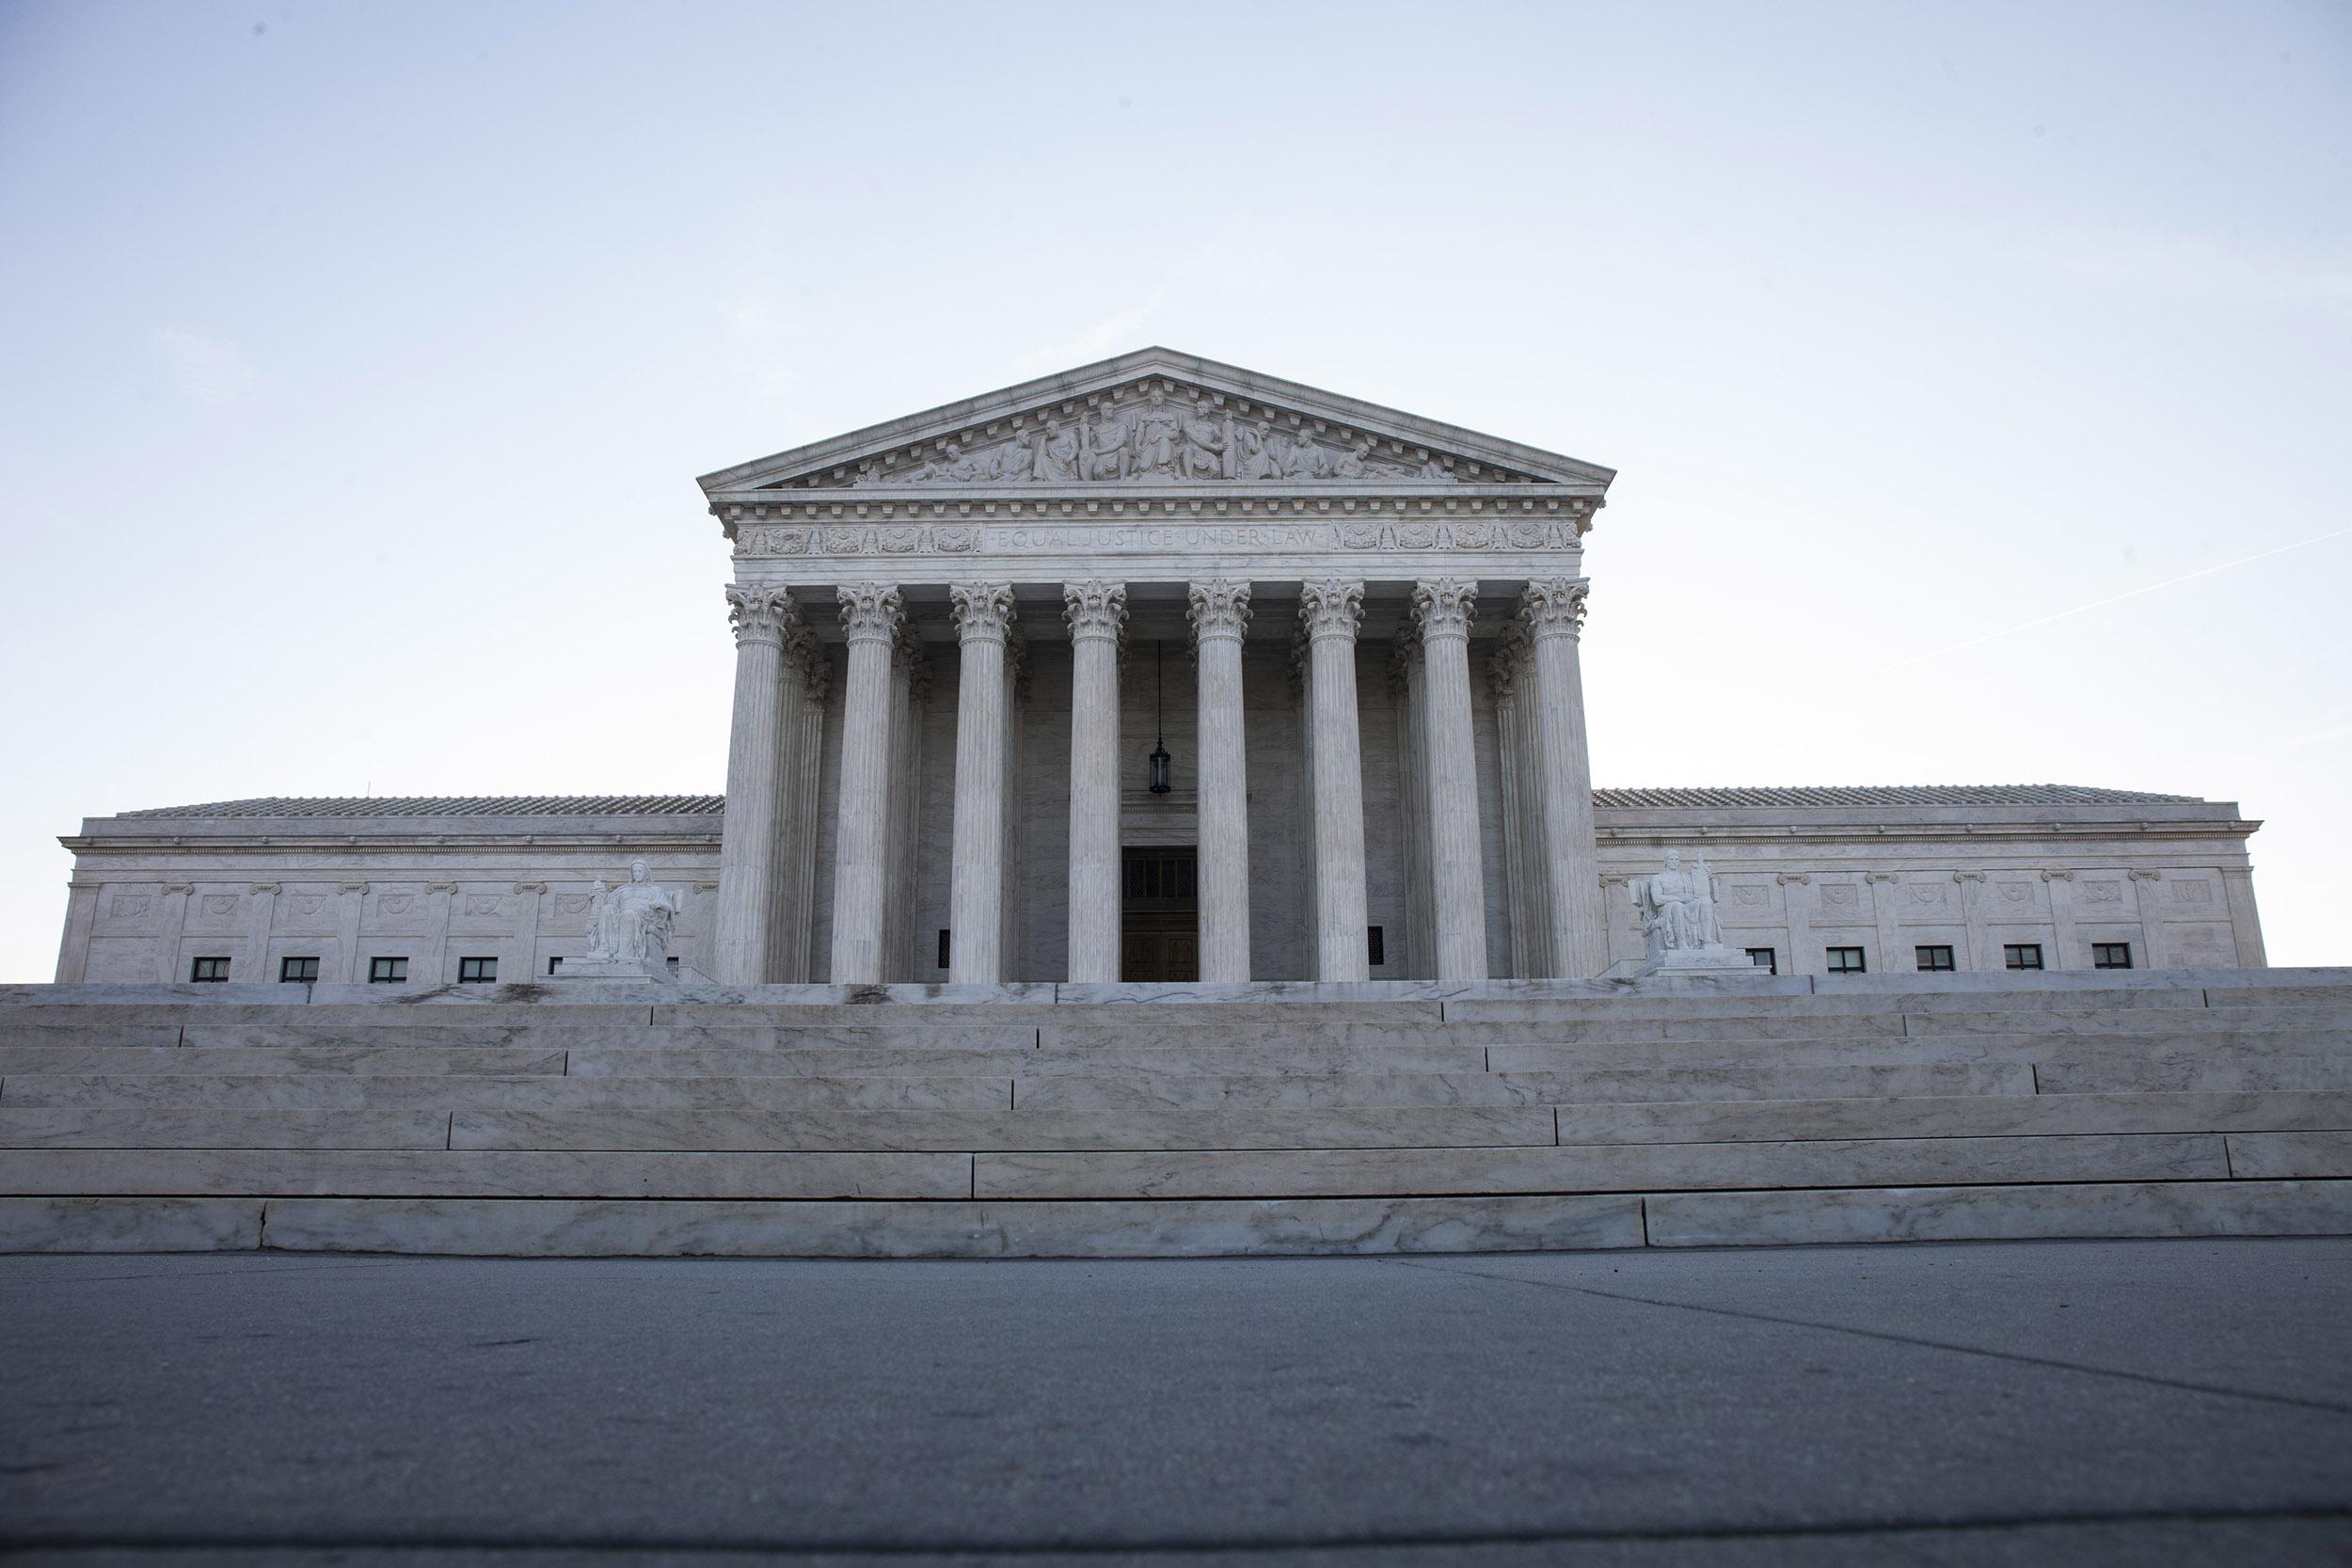 201127-supreme-court-mc-1429_e13609396de